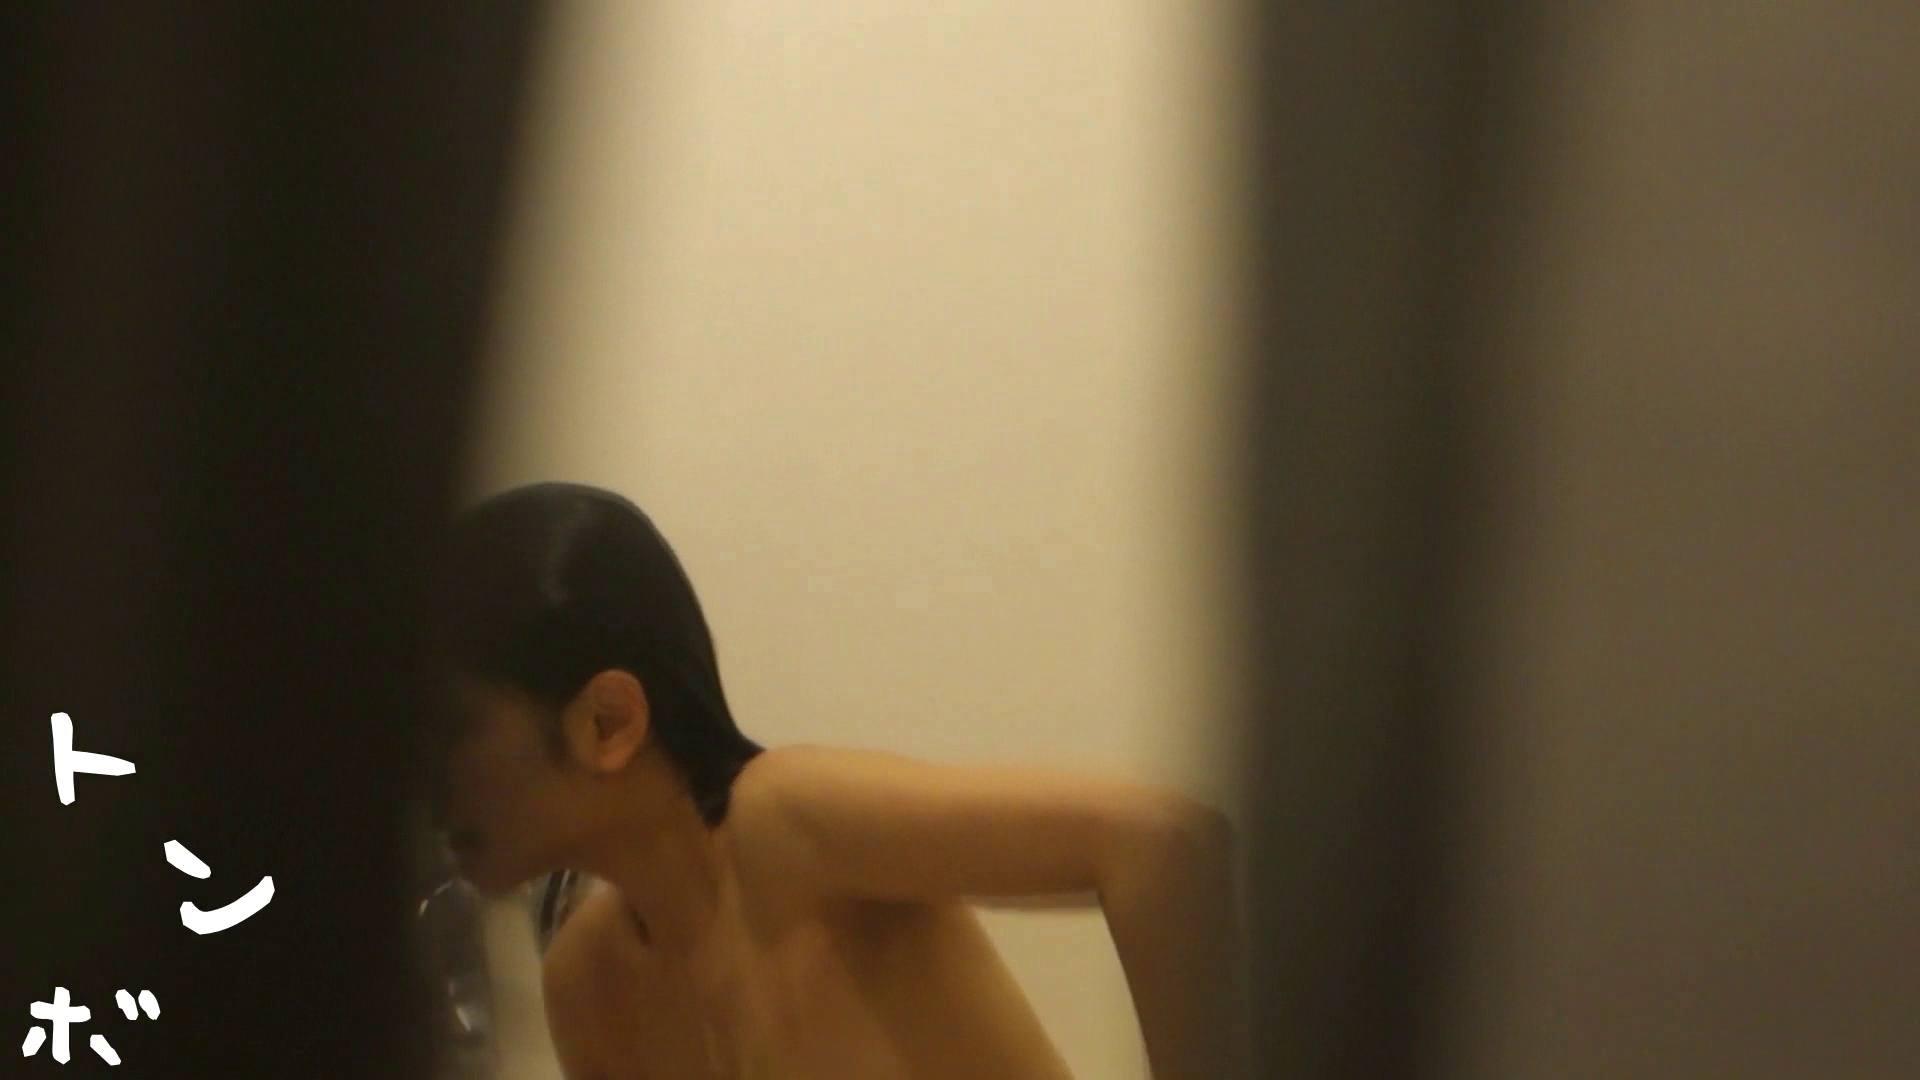 リアル盗撮 現役モデルのシャワーシーン2 美肌 アダルト動画キャプチャ 23画像 20